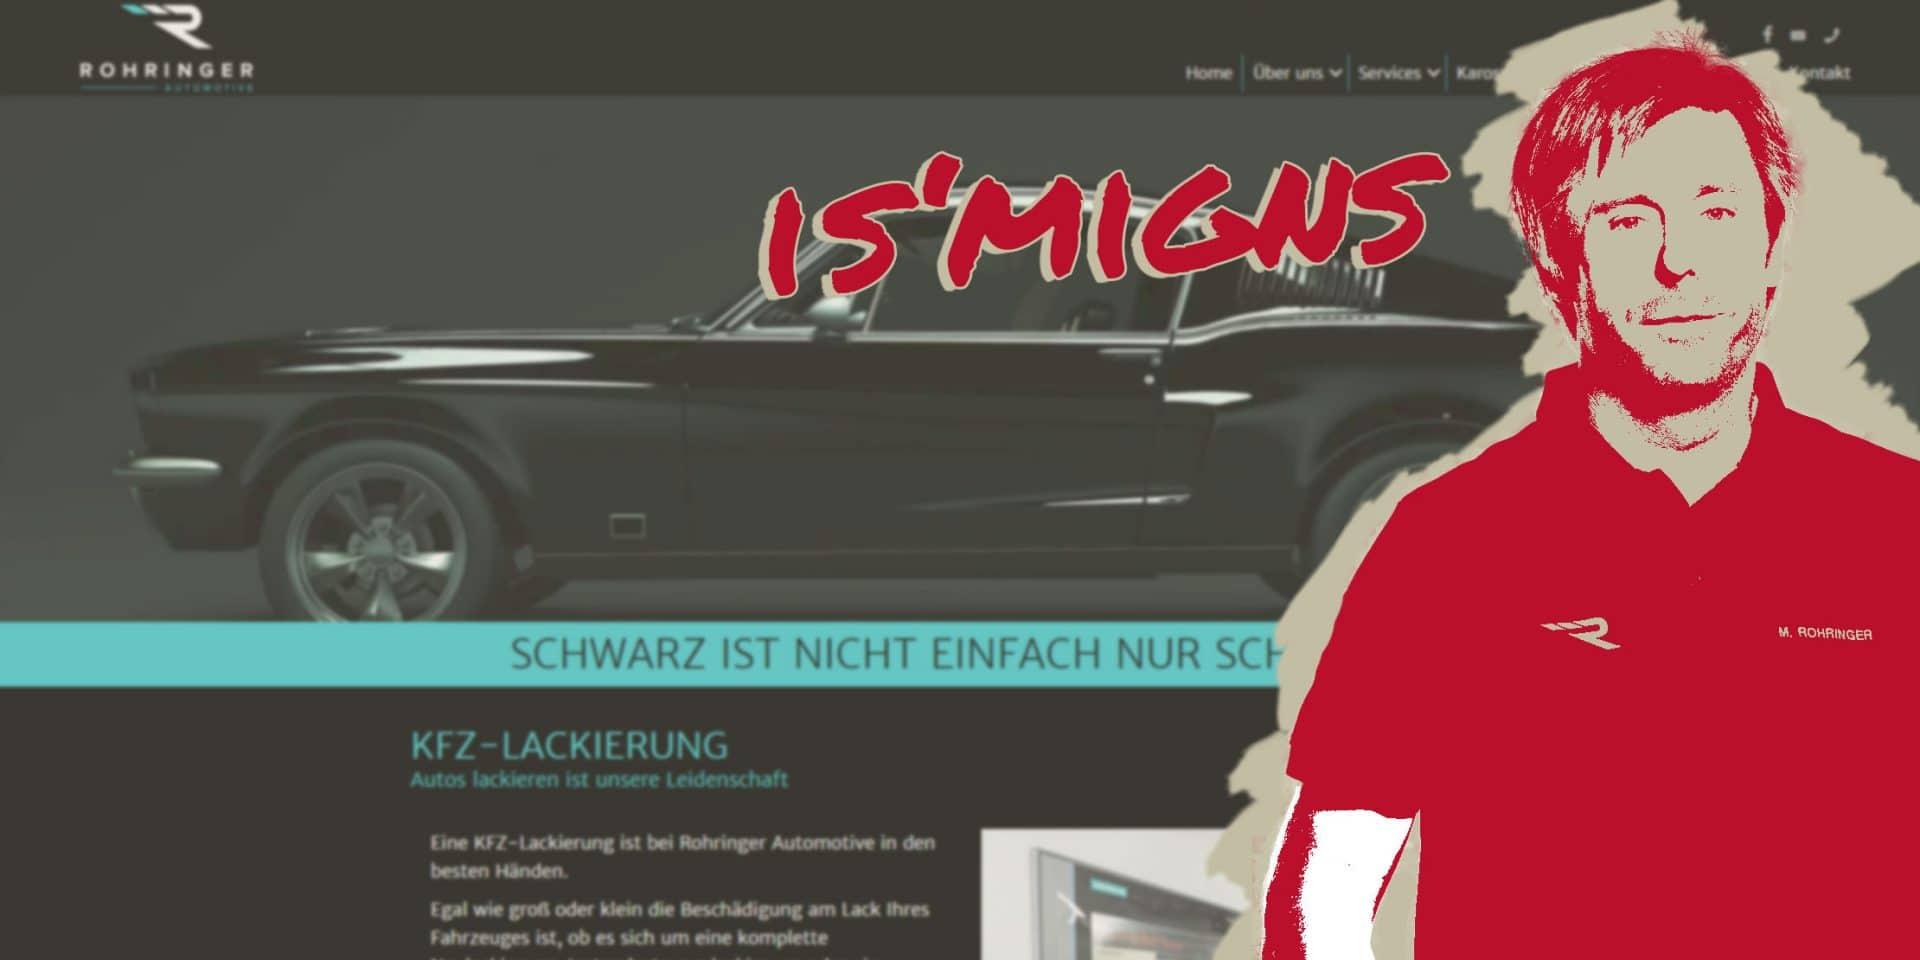 smigns referenz für websites und grafikdesign, Kunde Rohringer